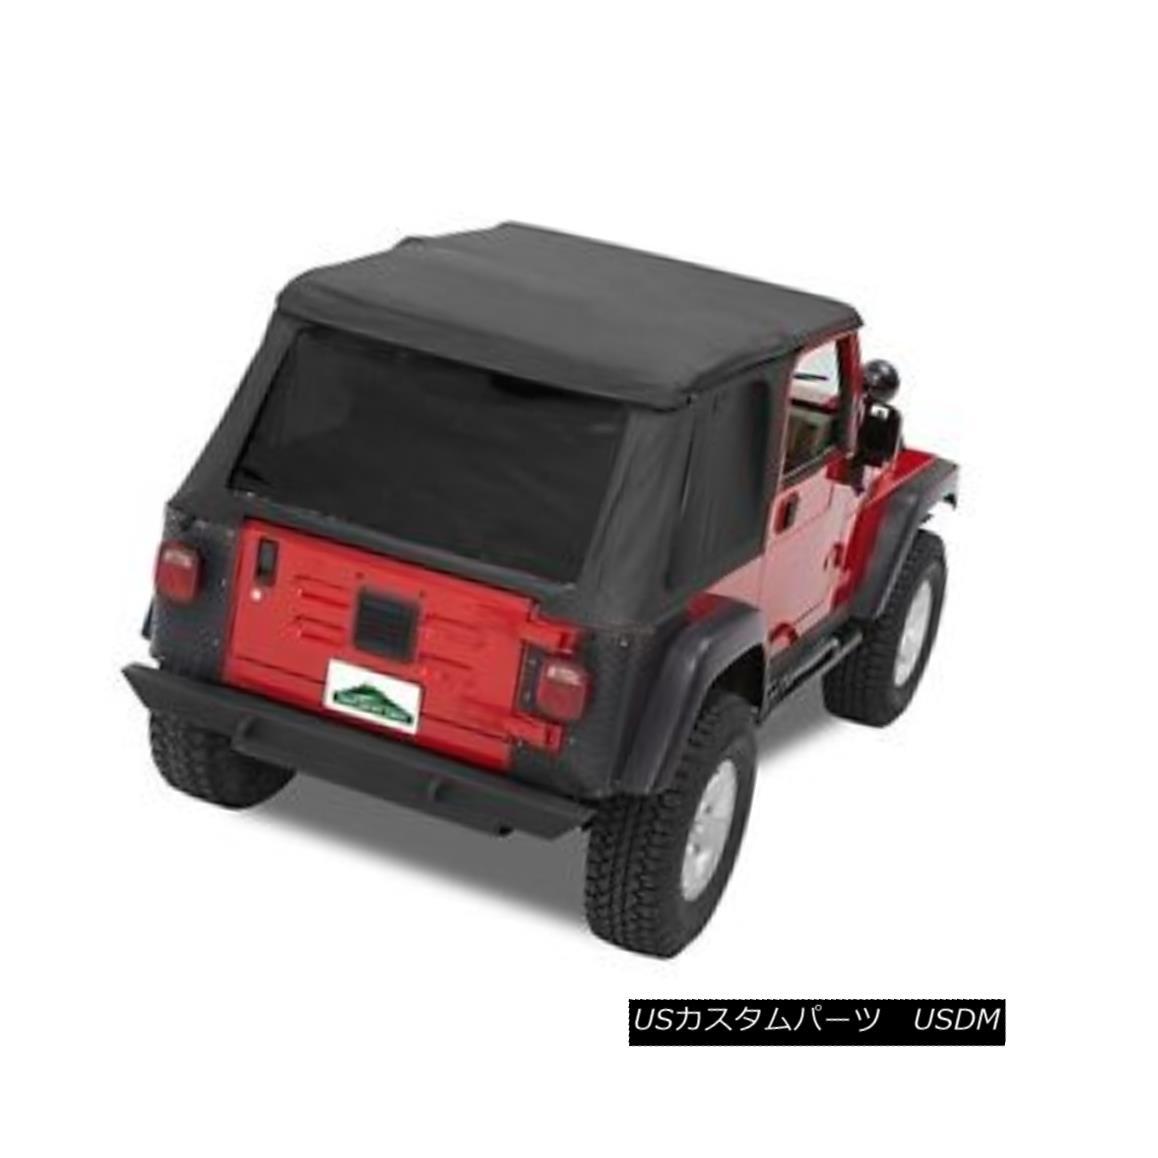 幌・ソフトトップ Pavement Ends Sprint Top Tinted Windows - Black Denim for 97-06 Jeep Wrangler TJ 舗装終了スプリントトップティントウィンドウ - ブラックデニムfor 97-06ジープラングラーTJ